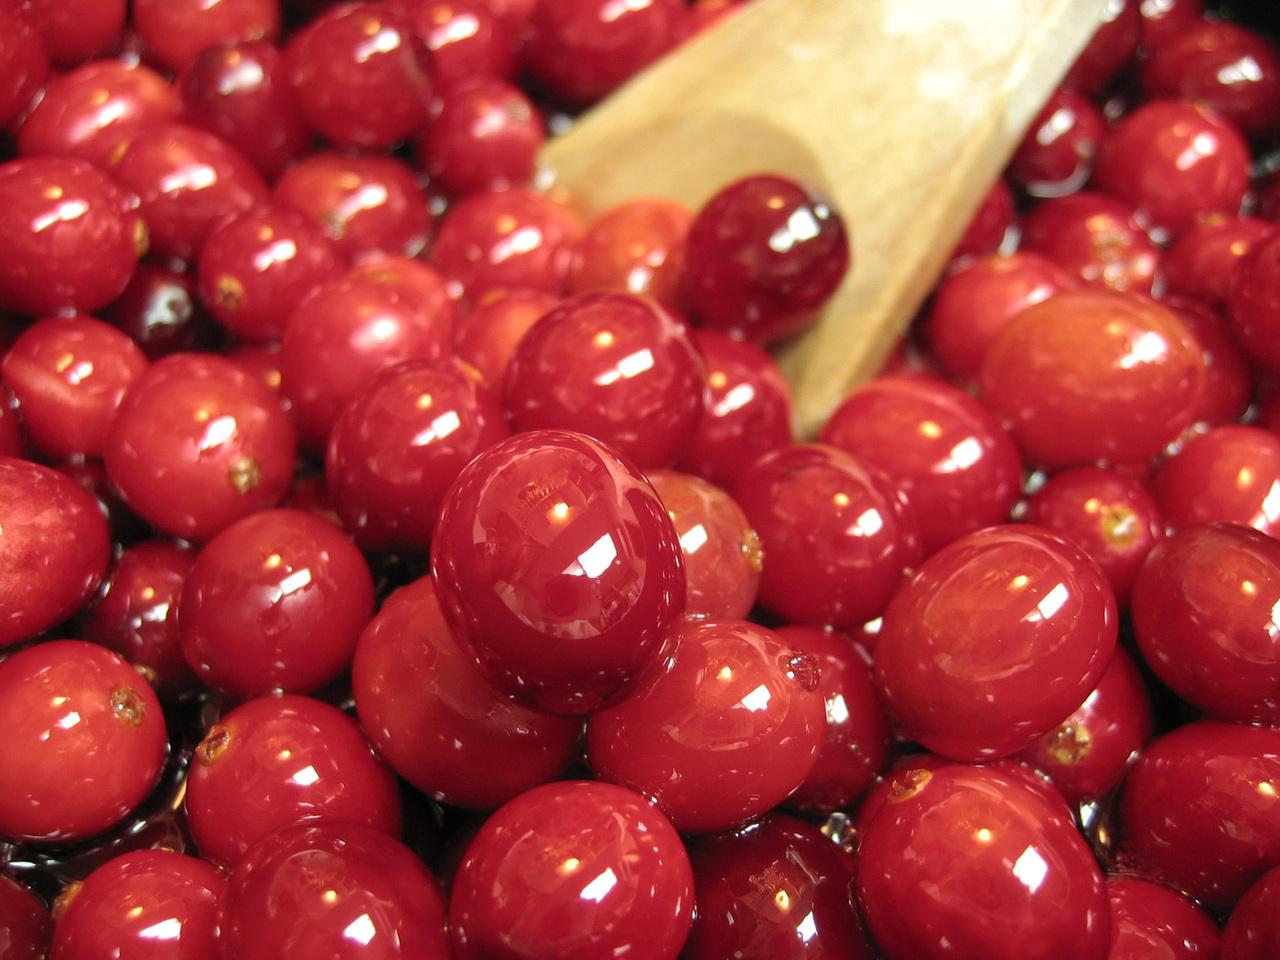 cranberries-3-1329080-1280x960